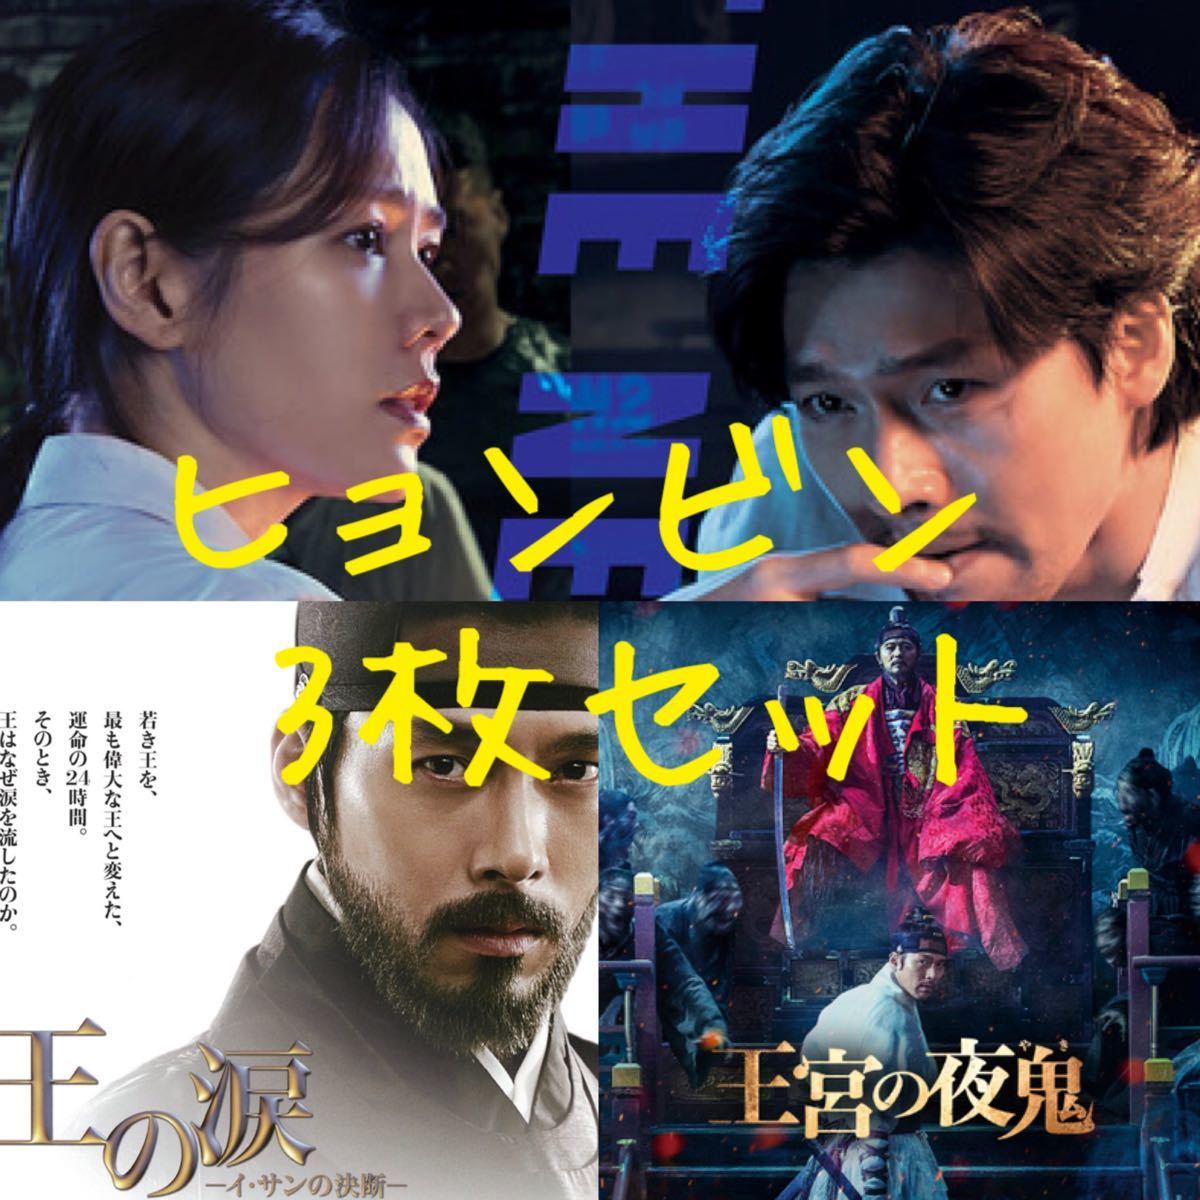 韓国映画 ヒョンビン 出演映画 DVD 3点セット おまけDVD付き